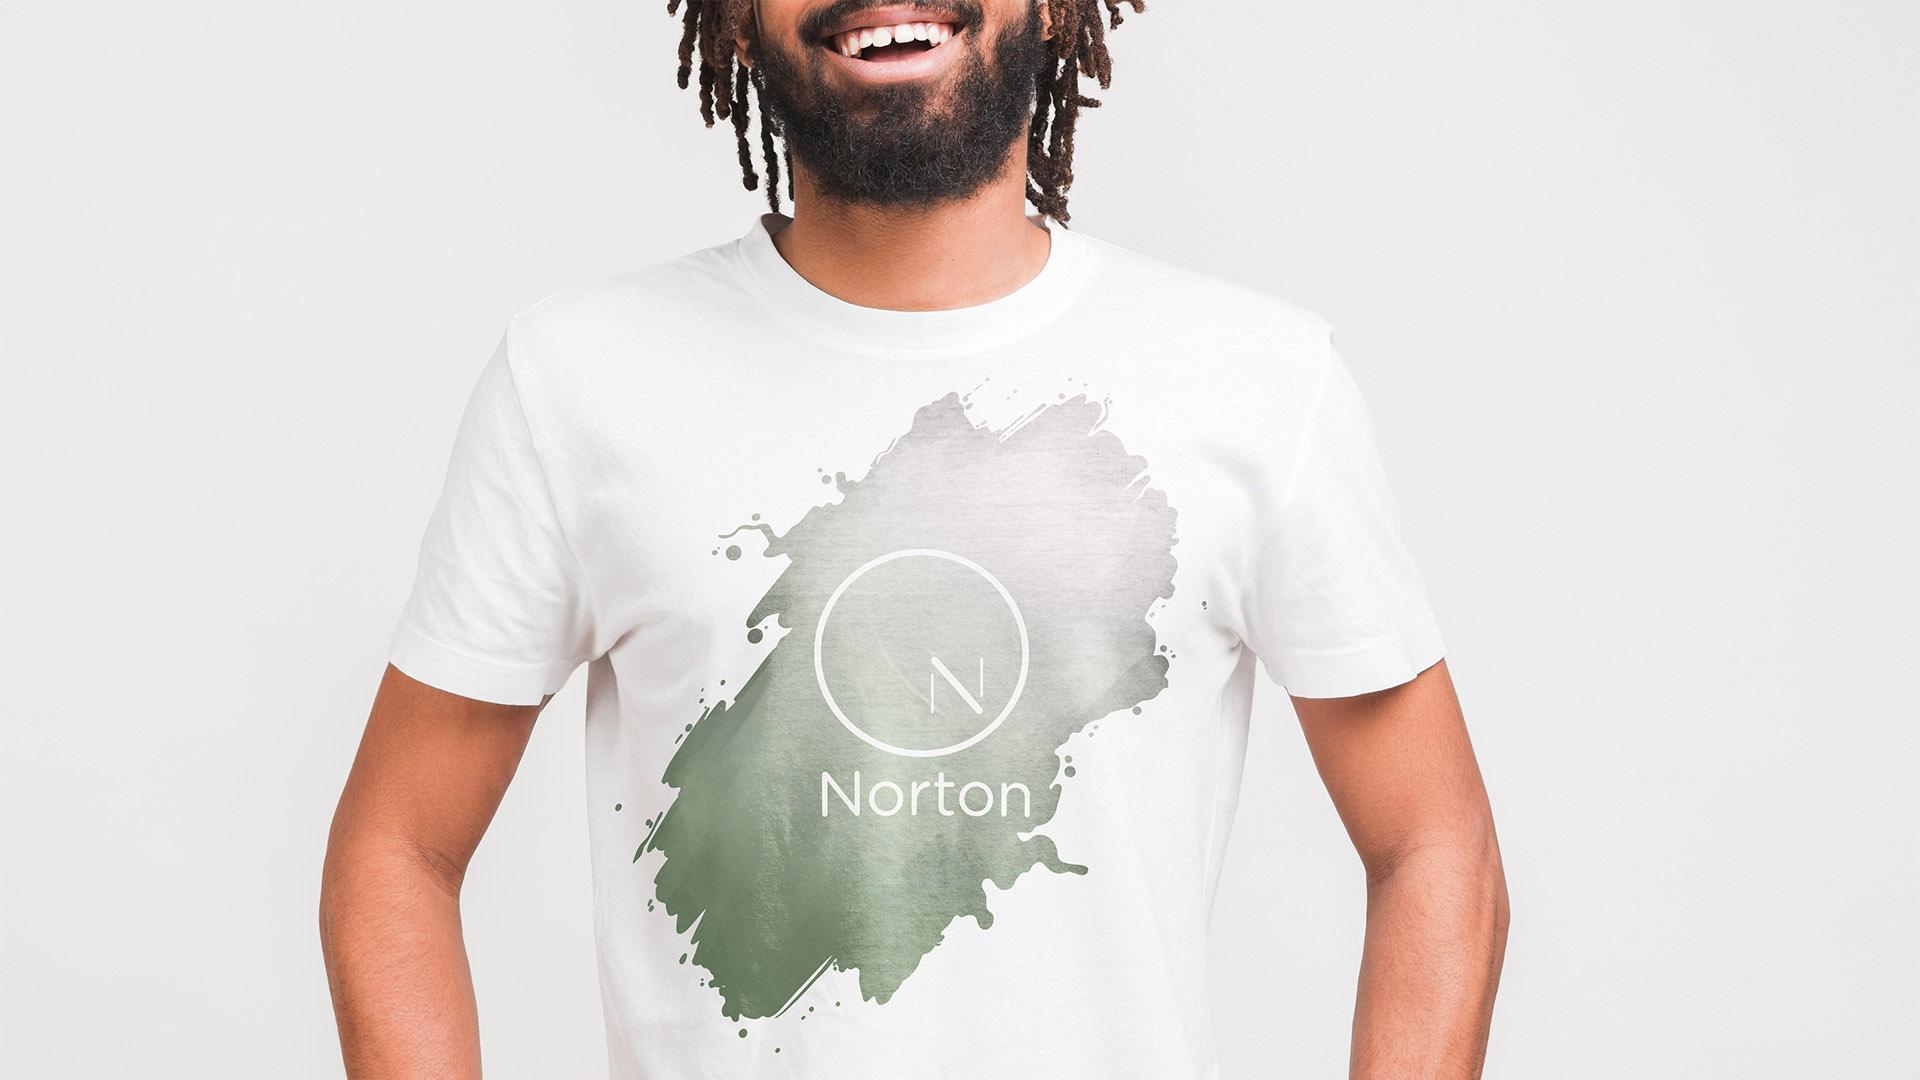 Norton Audio | Branding & Product Design